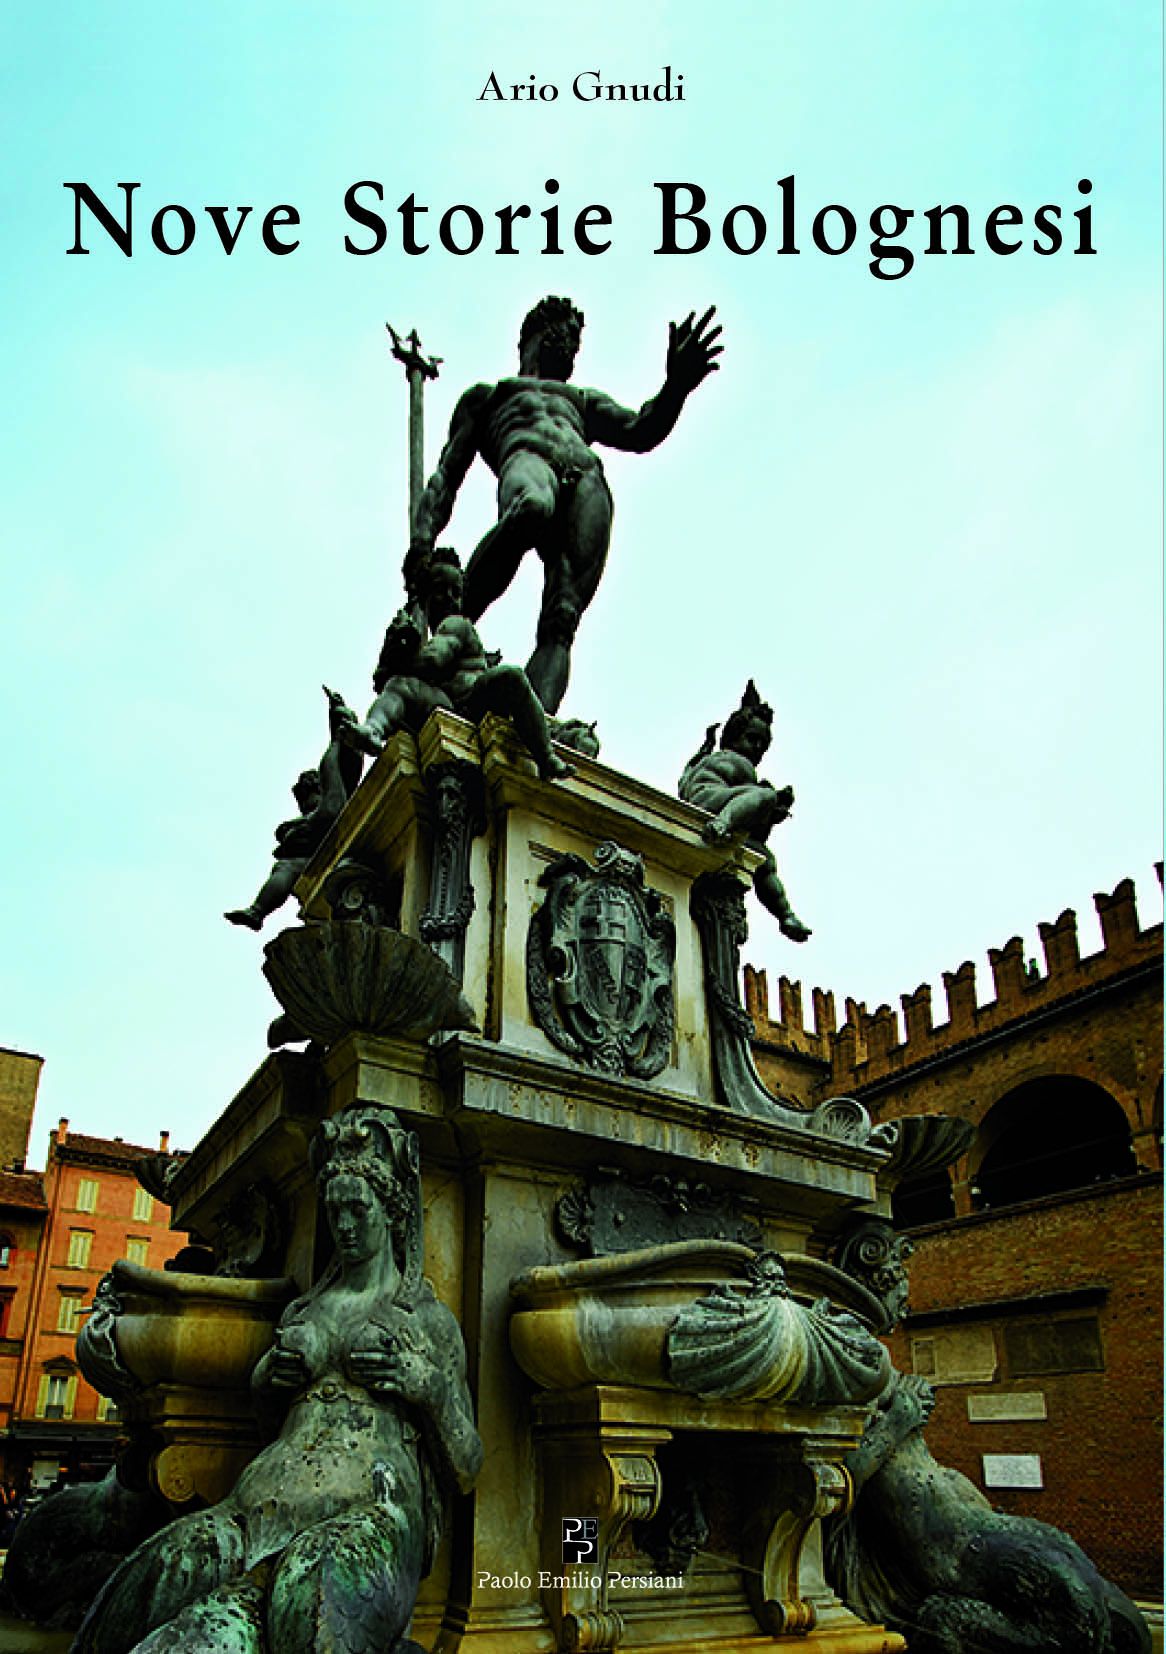 Nove Storie Bolognesi di Ario Gnudi